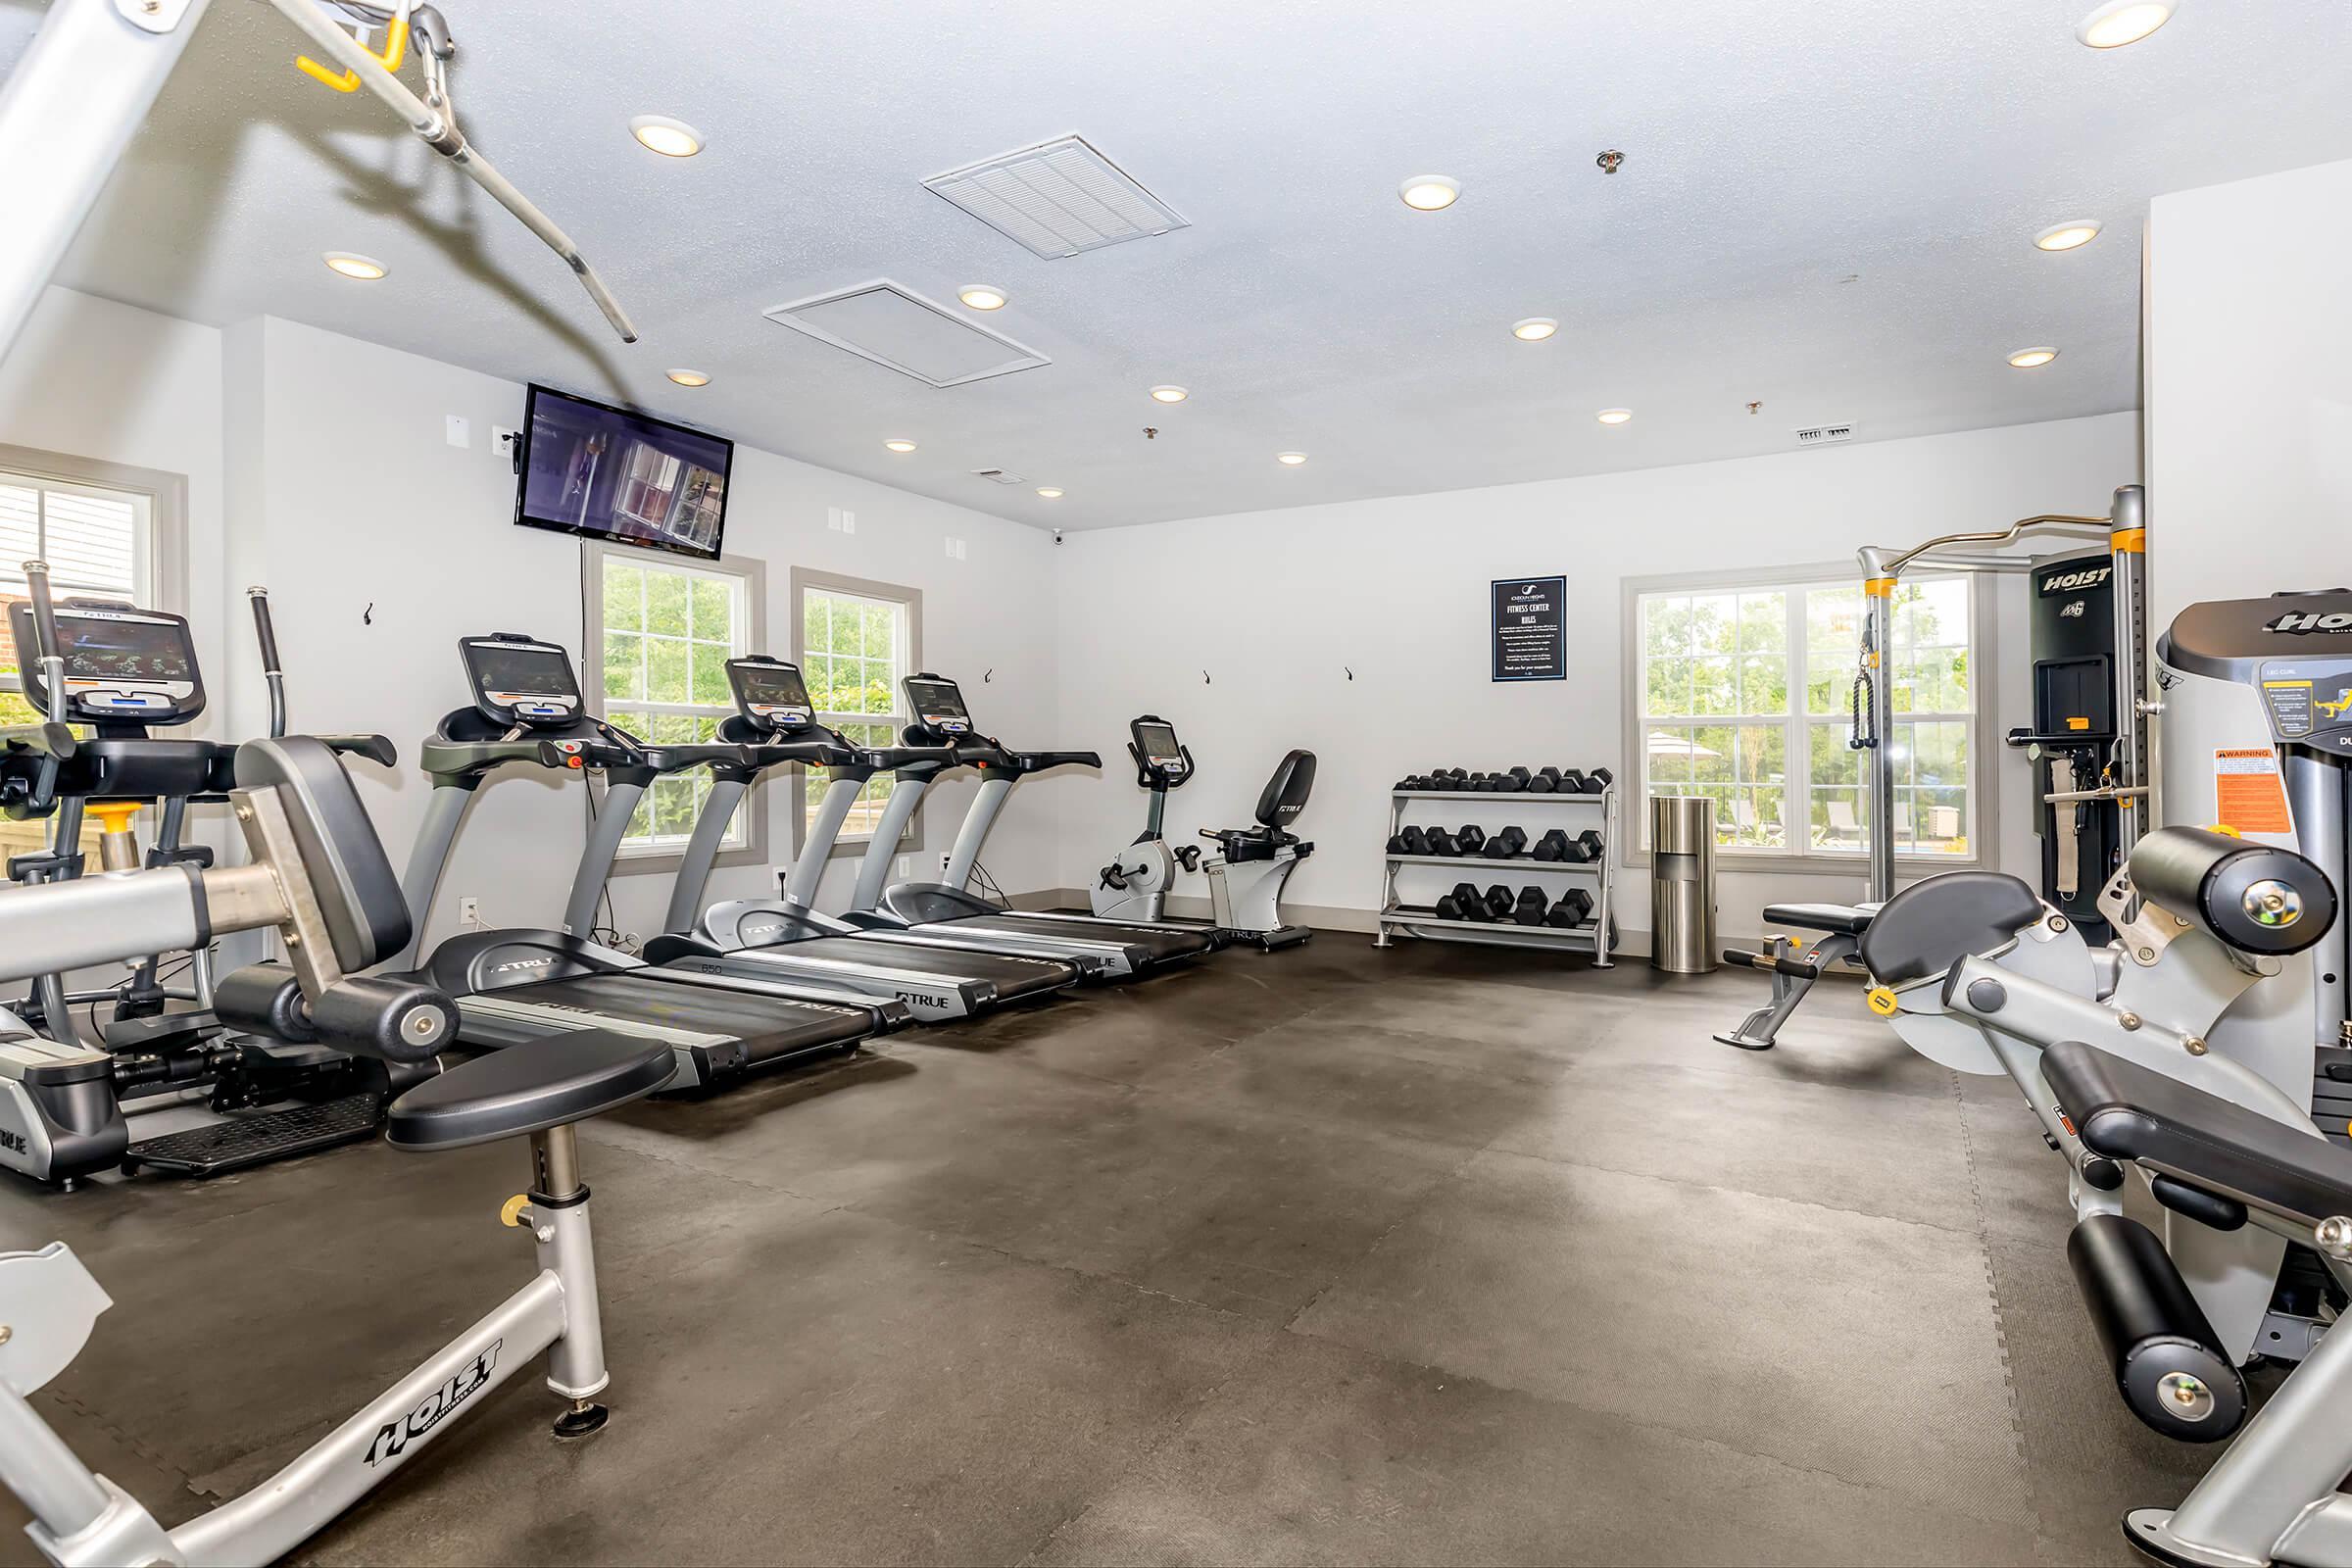 Fitness Center at Loudoun Heightsin Ashburn VA